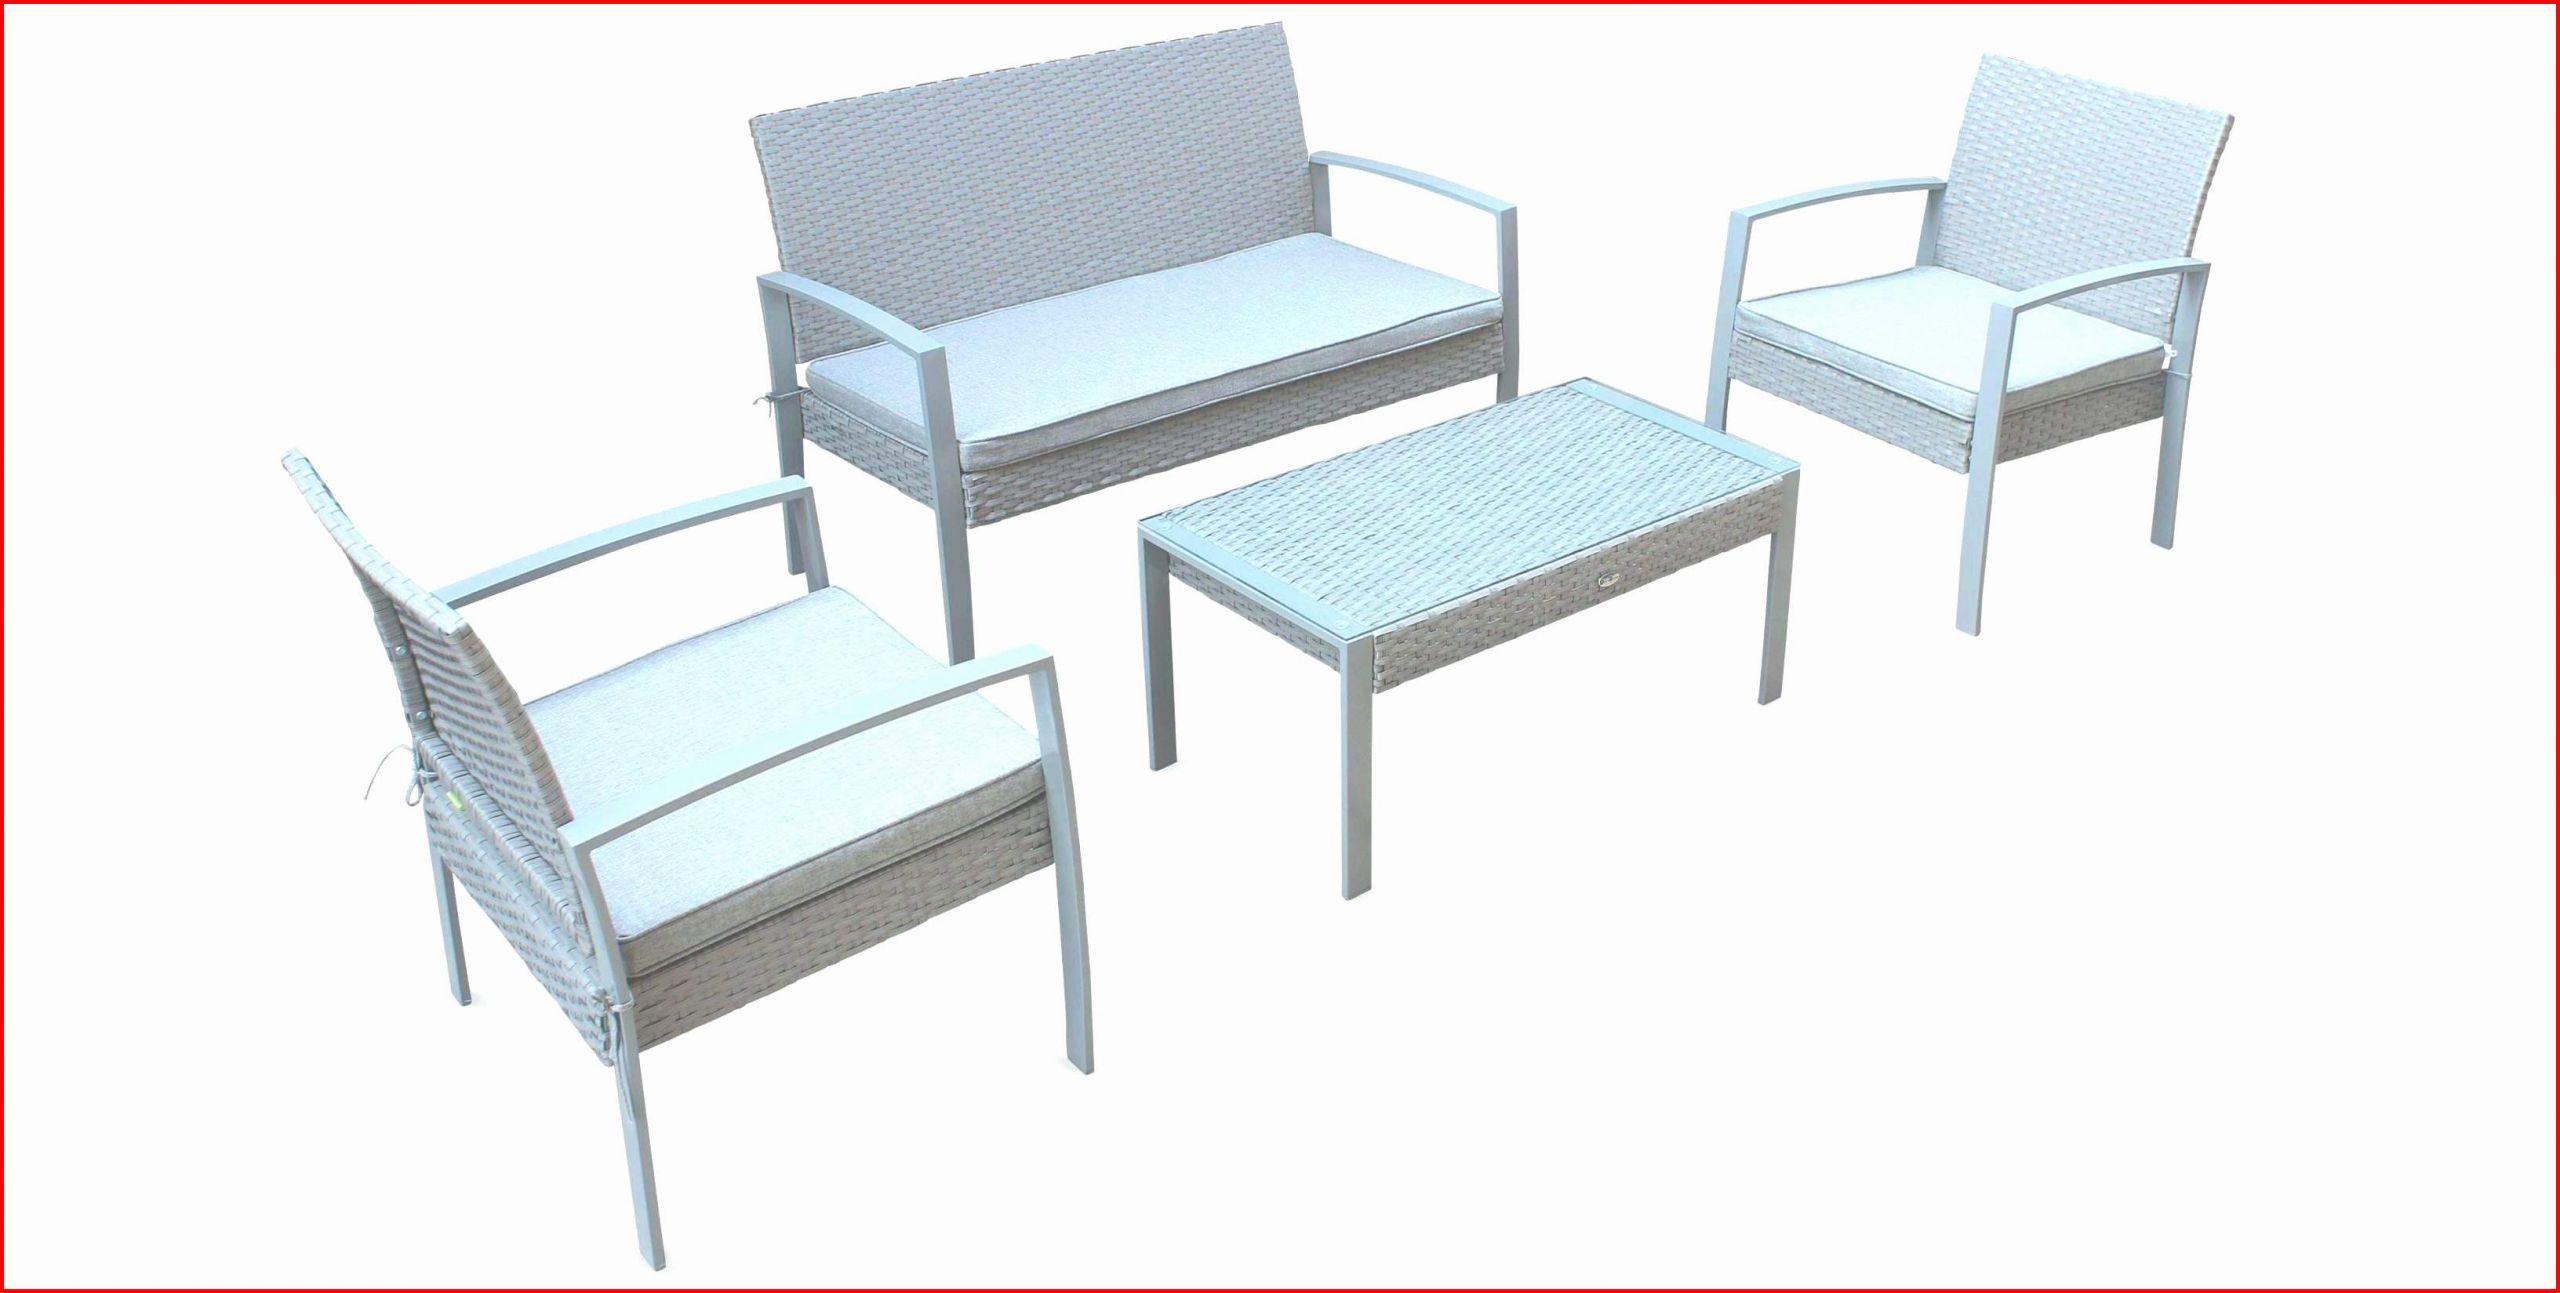 mobilier jardin carrefour concernant clic clac mobilier jardin carrefour impressionnant 20 unique abris de of